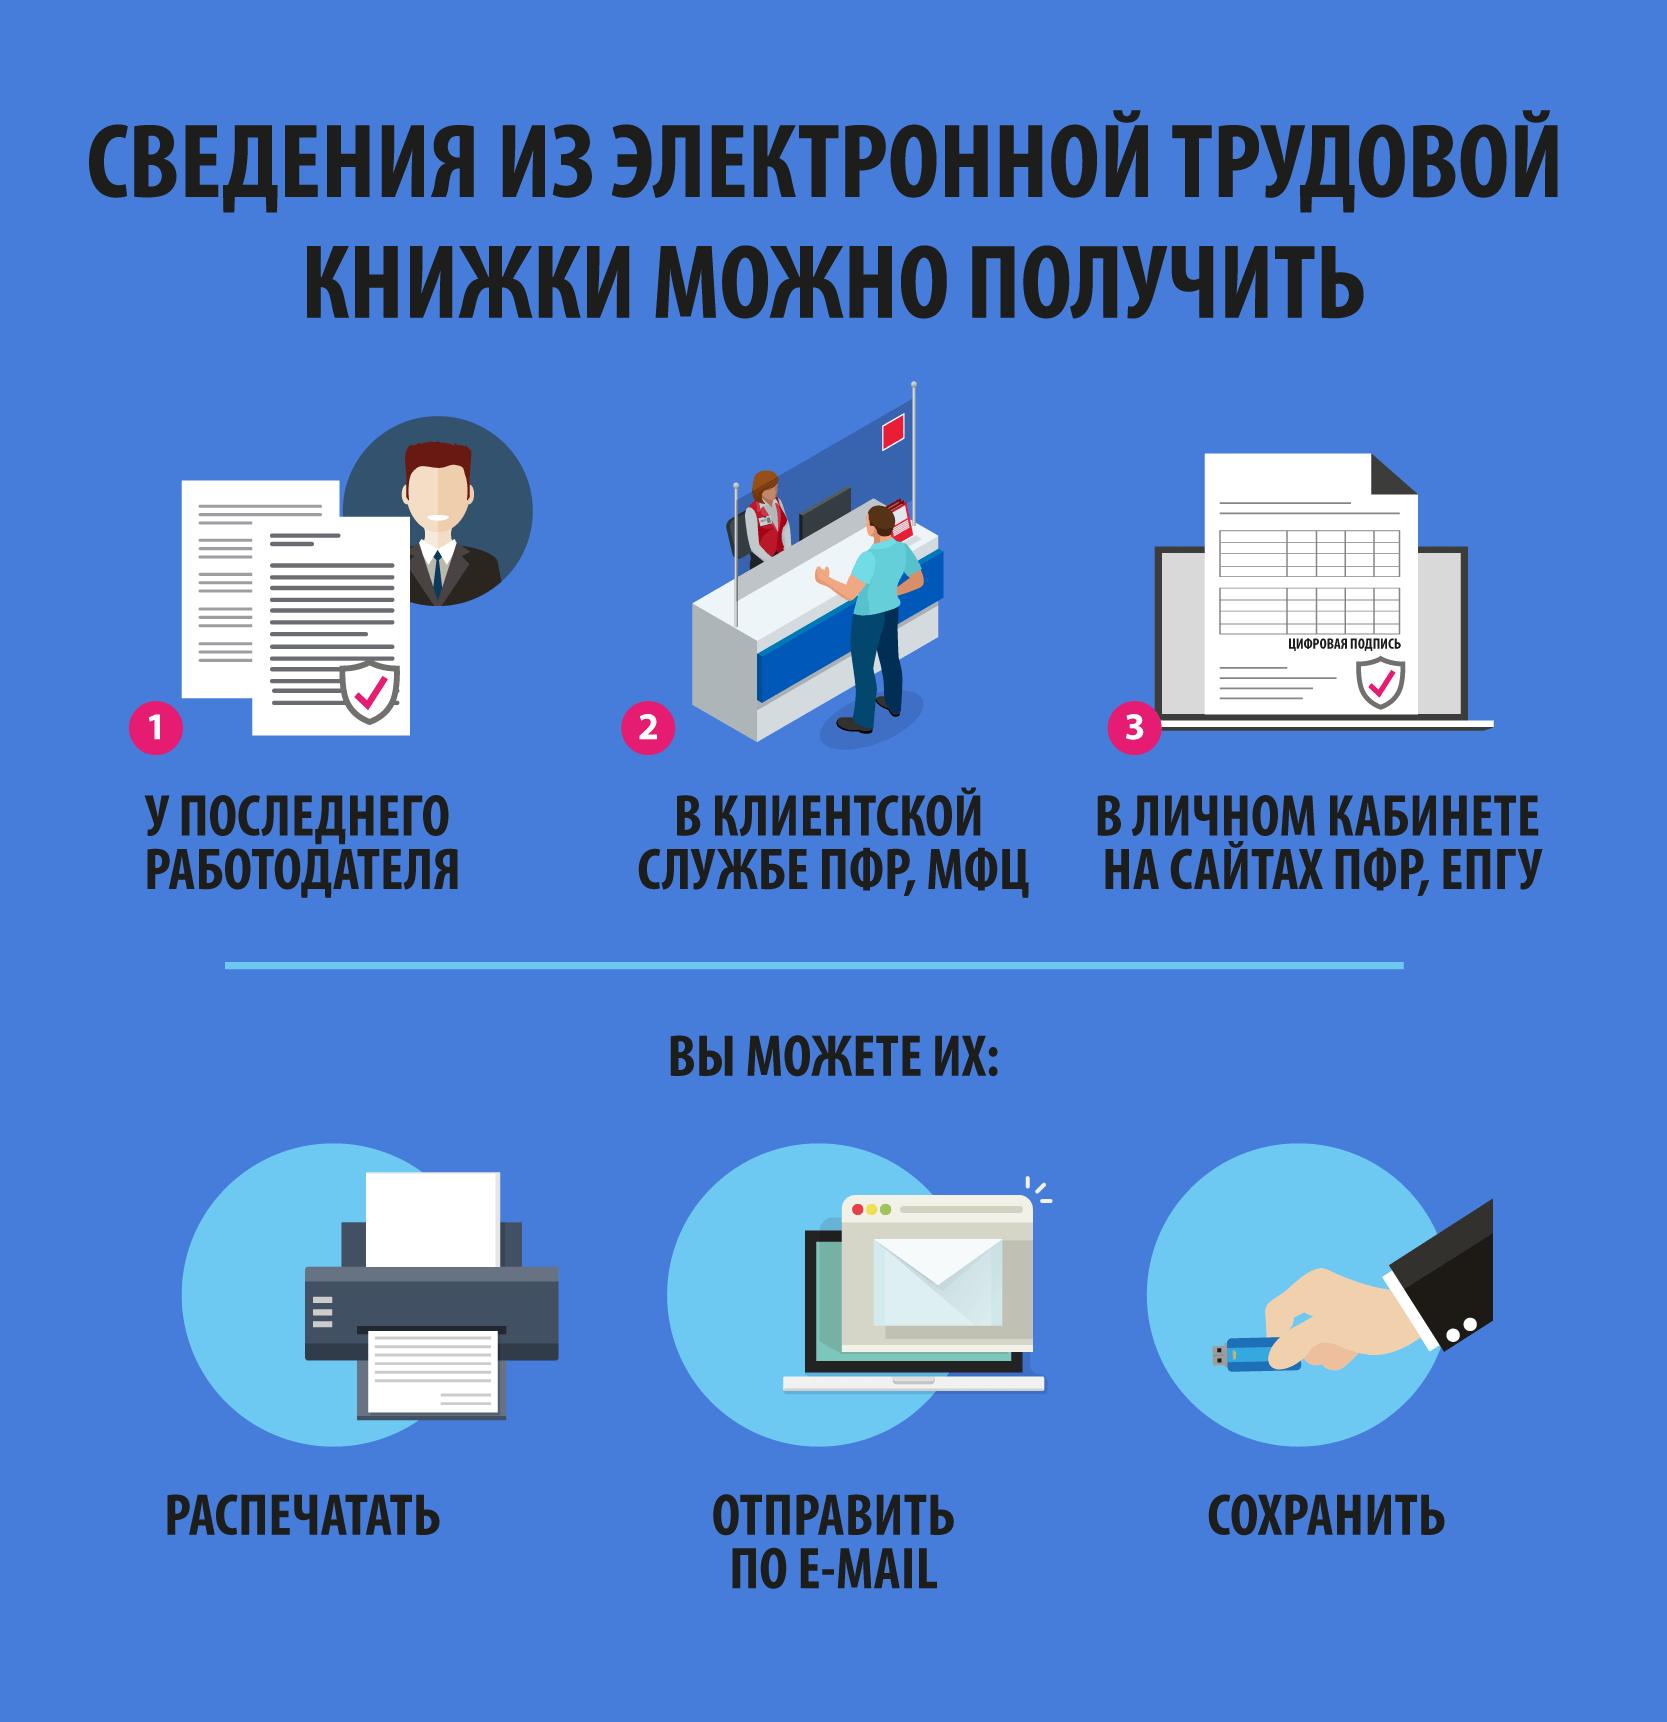 Электронные трудовые книжки с 2020 года - бух.1с, сайт в помощь бухгалтеру